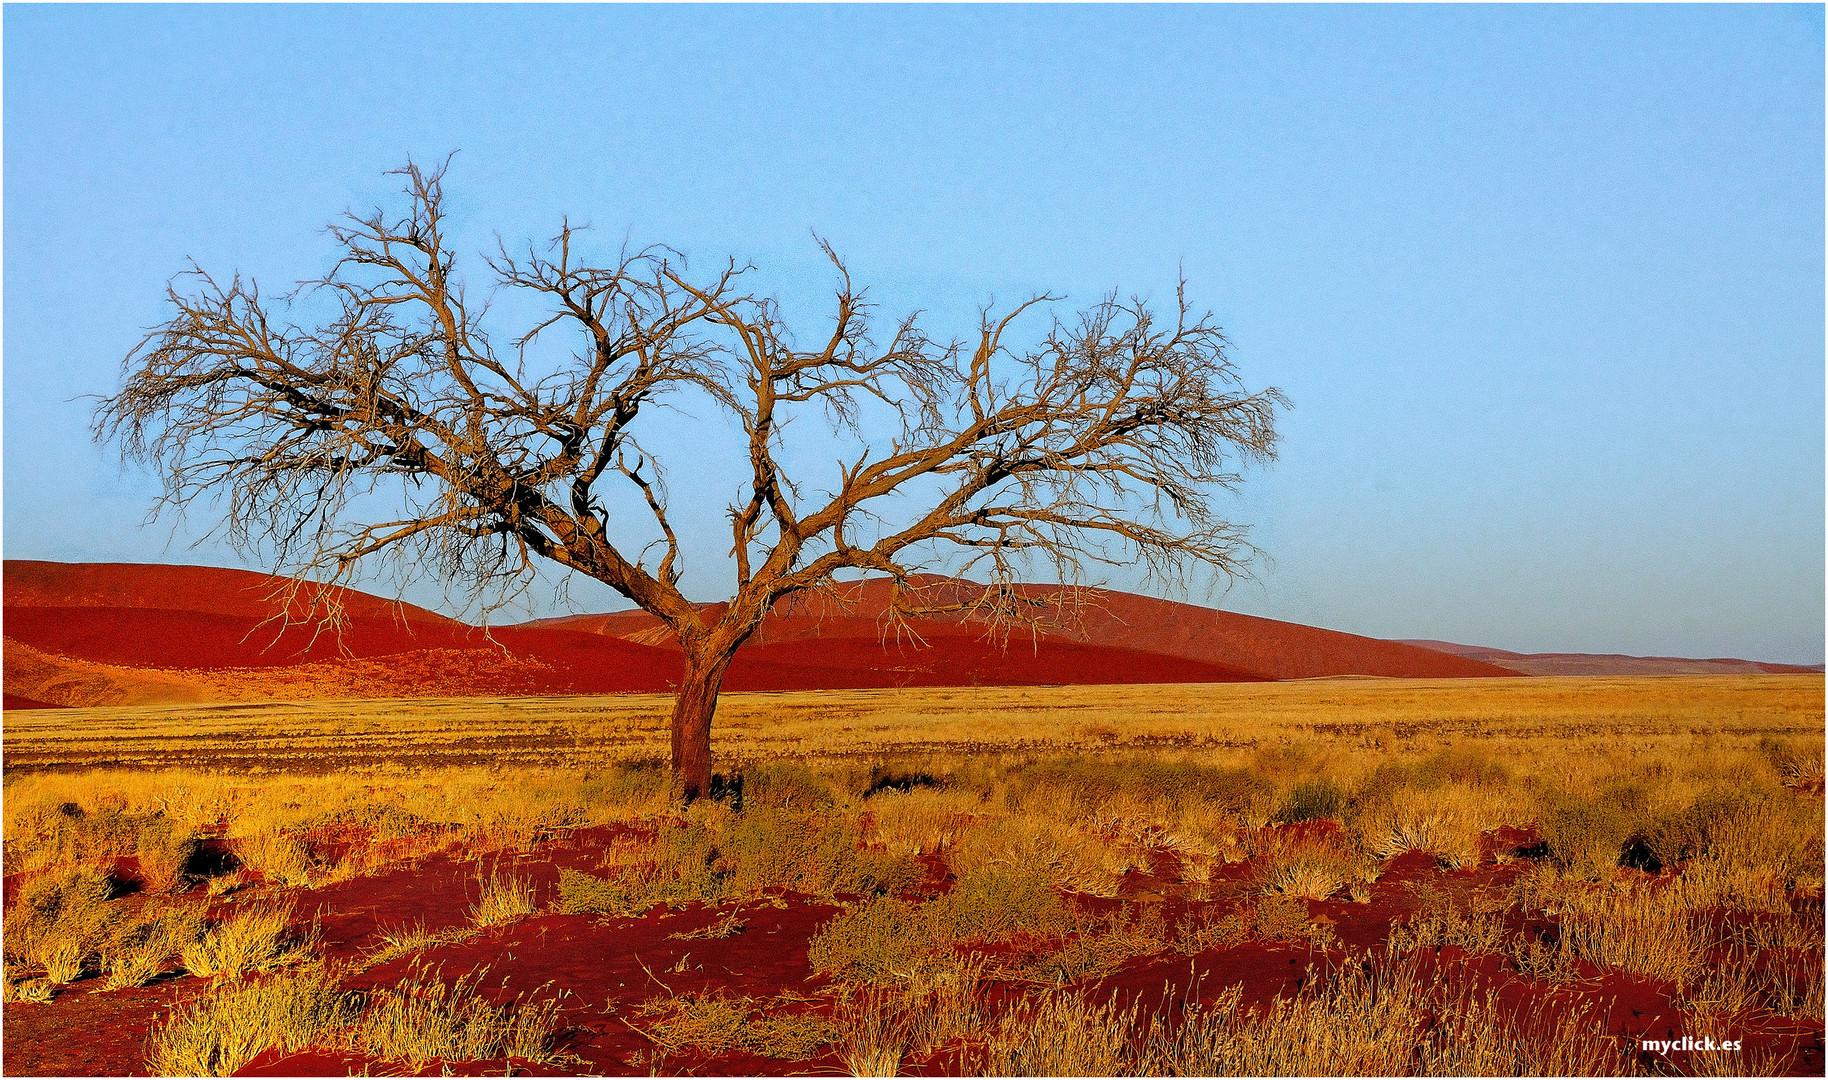 DETALLES DE SUSSVLEI -NAMIBIA (dedicada a Noland )